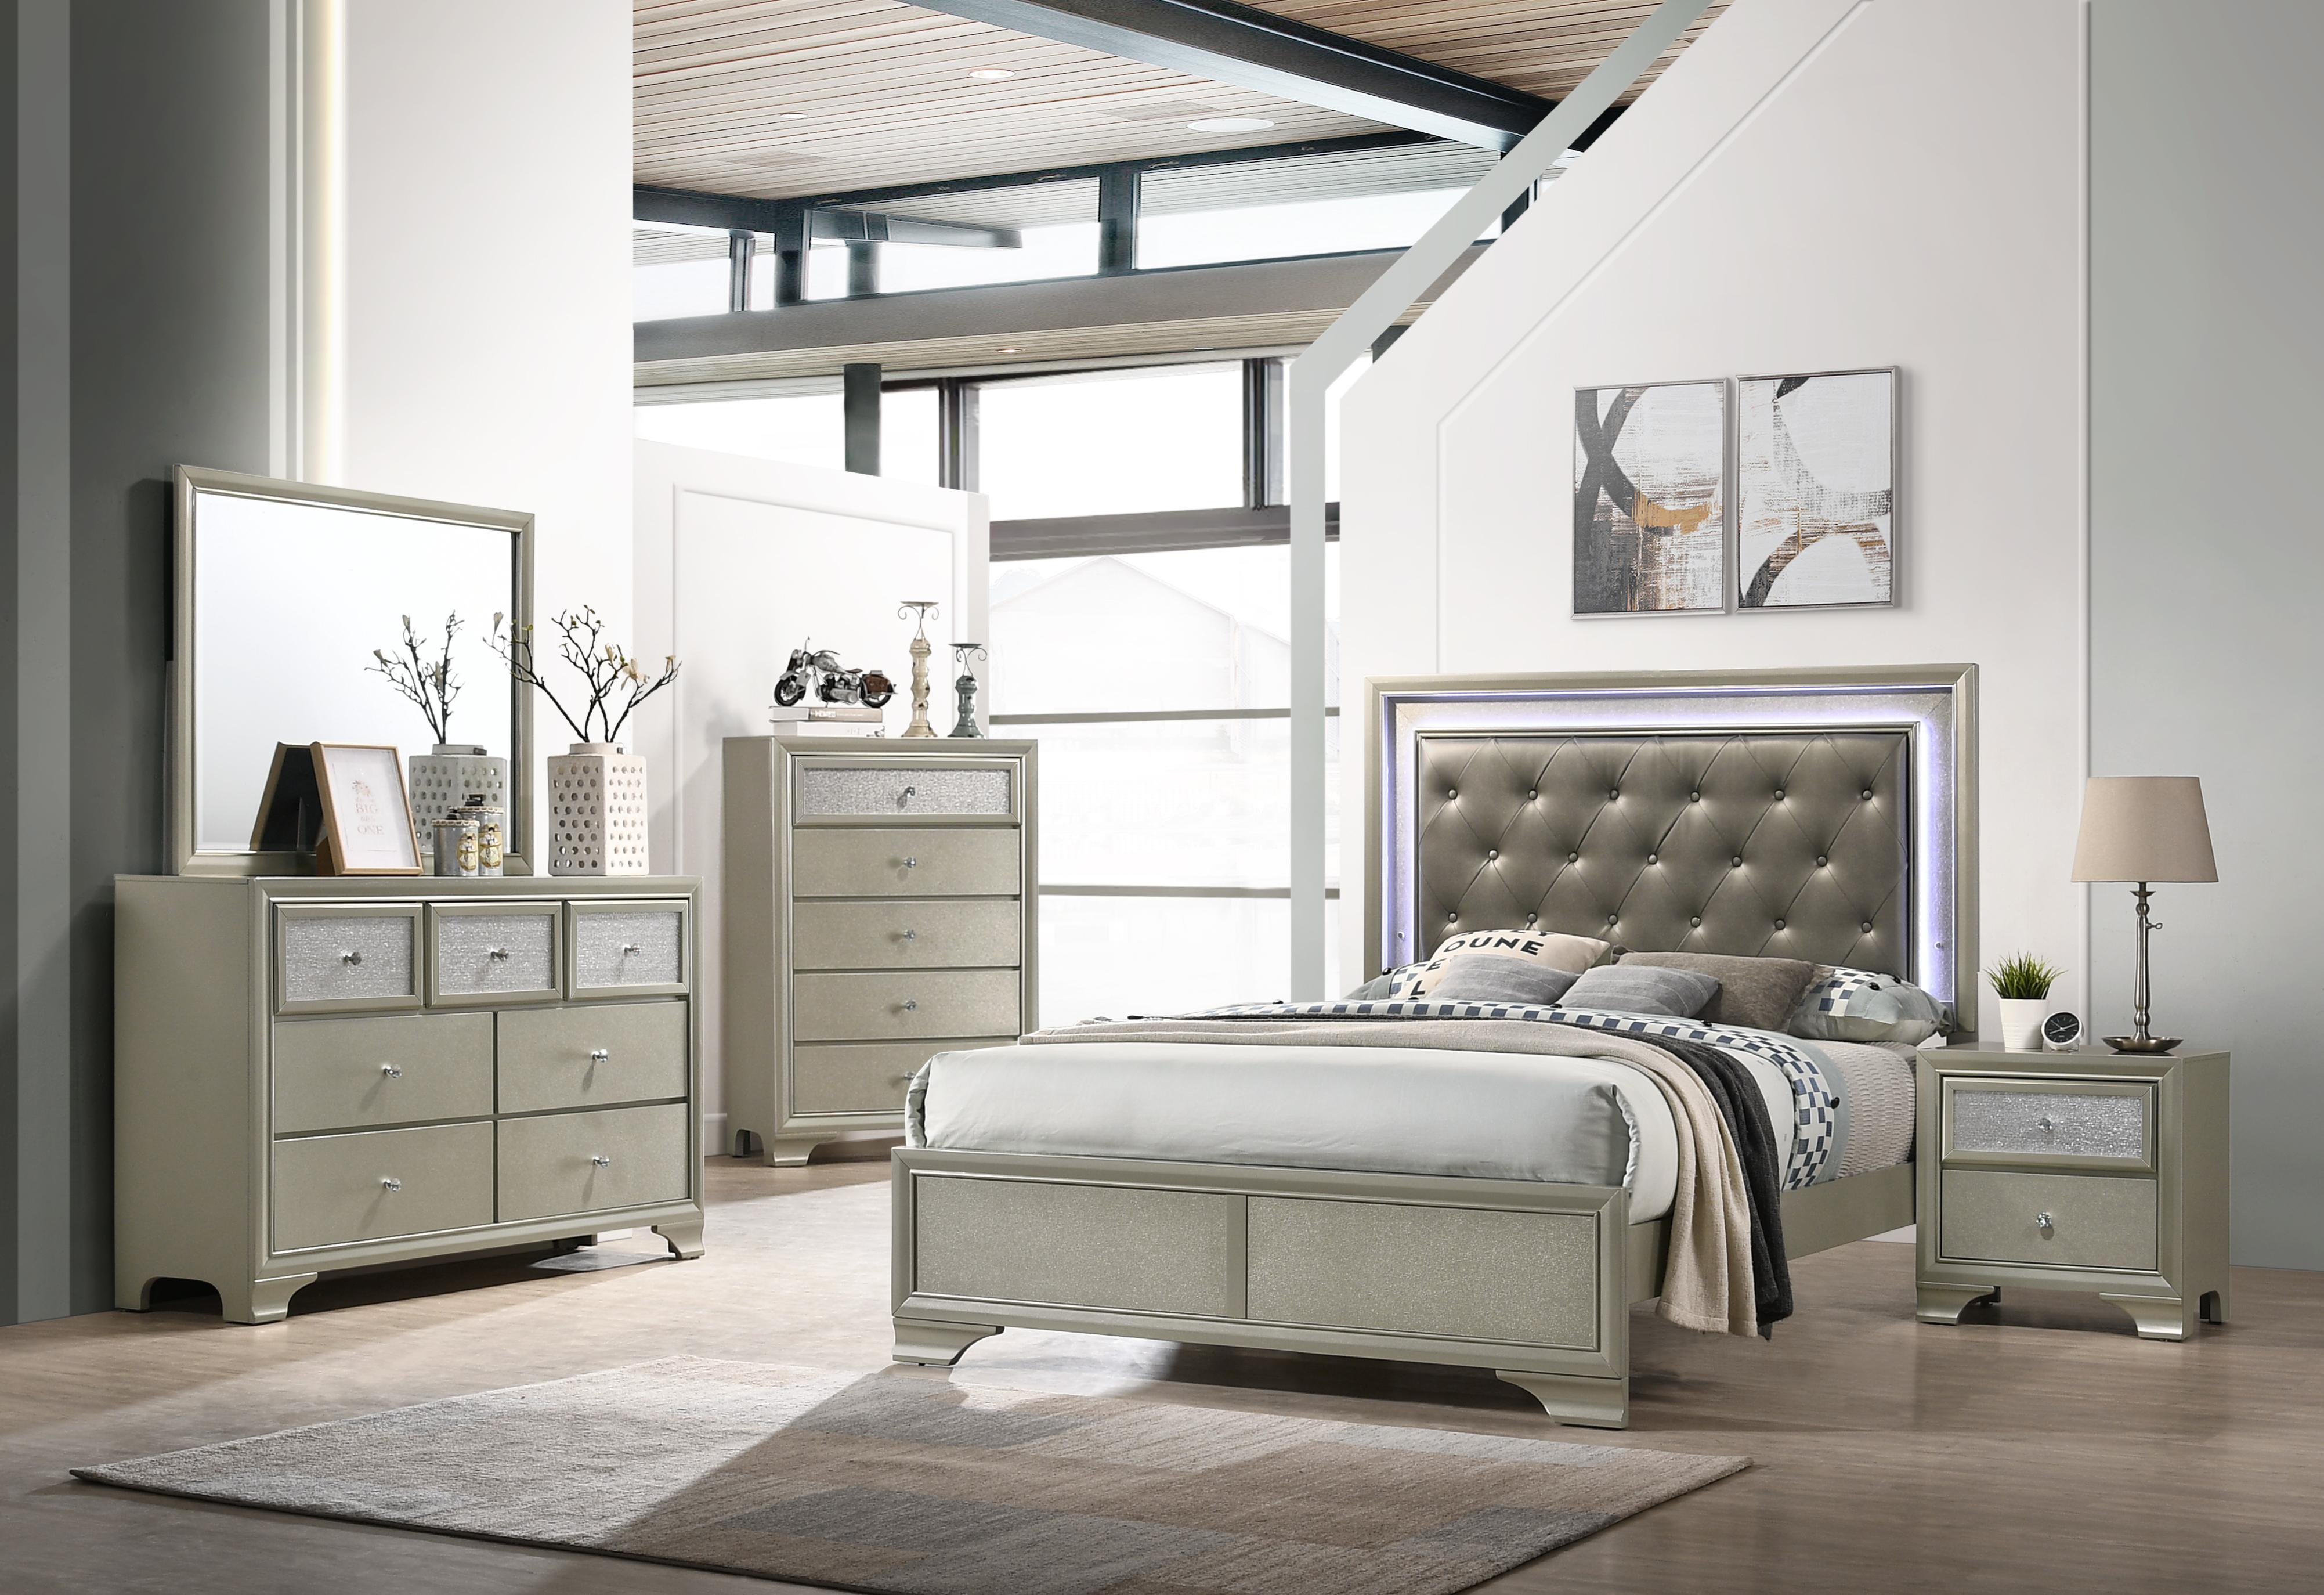 Landyn Bedroom Groups by Crown Mark at Bullard Furniture